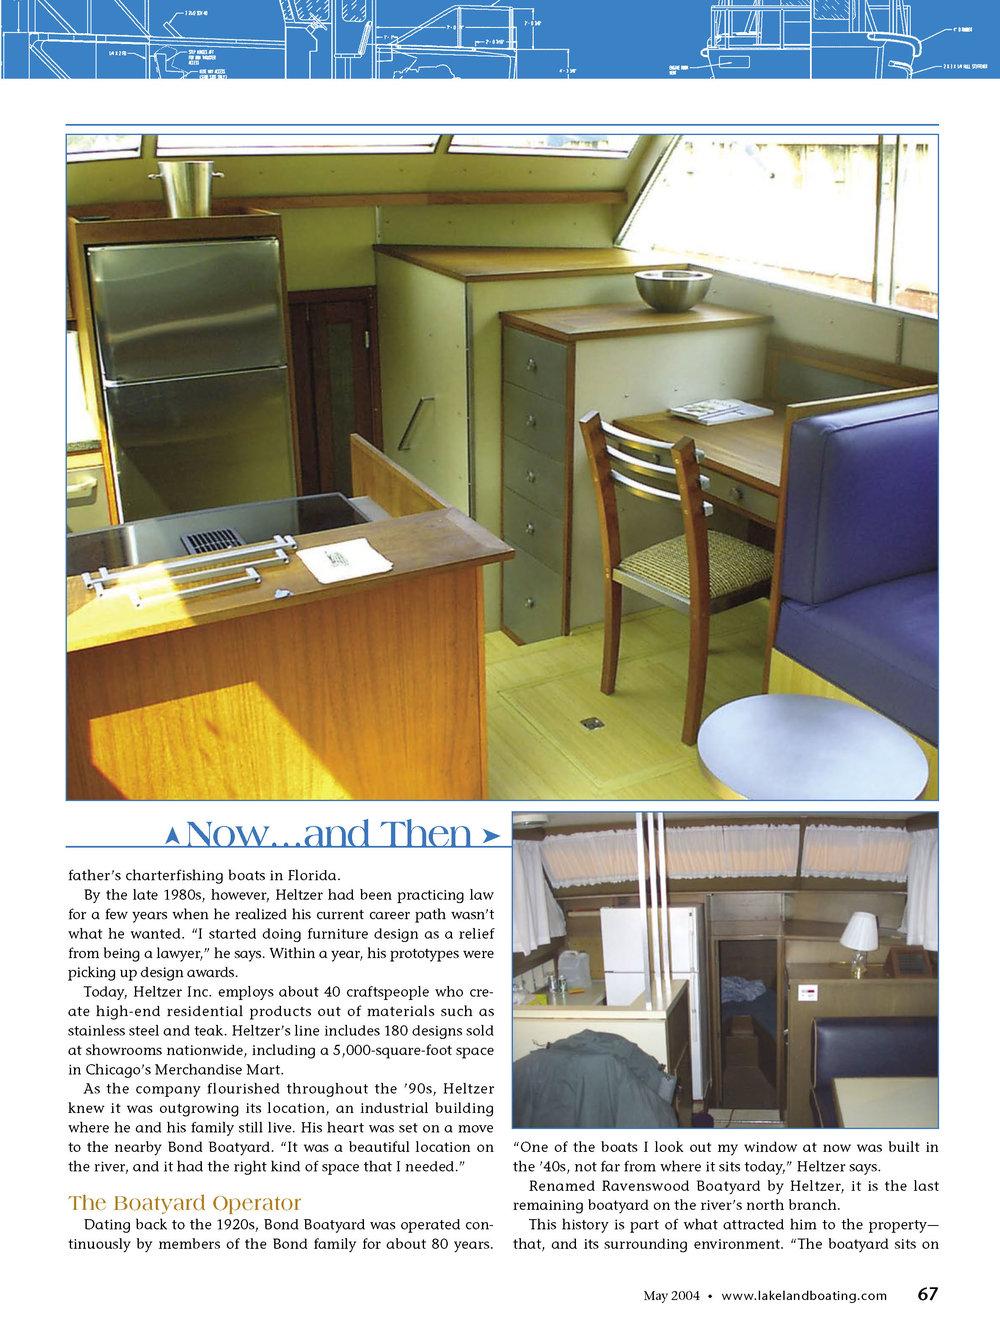 lakelandboating_heltzer0504_Page_2.jpg